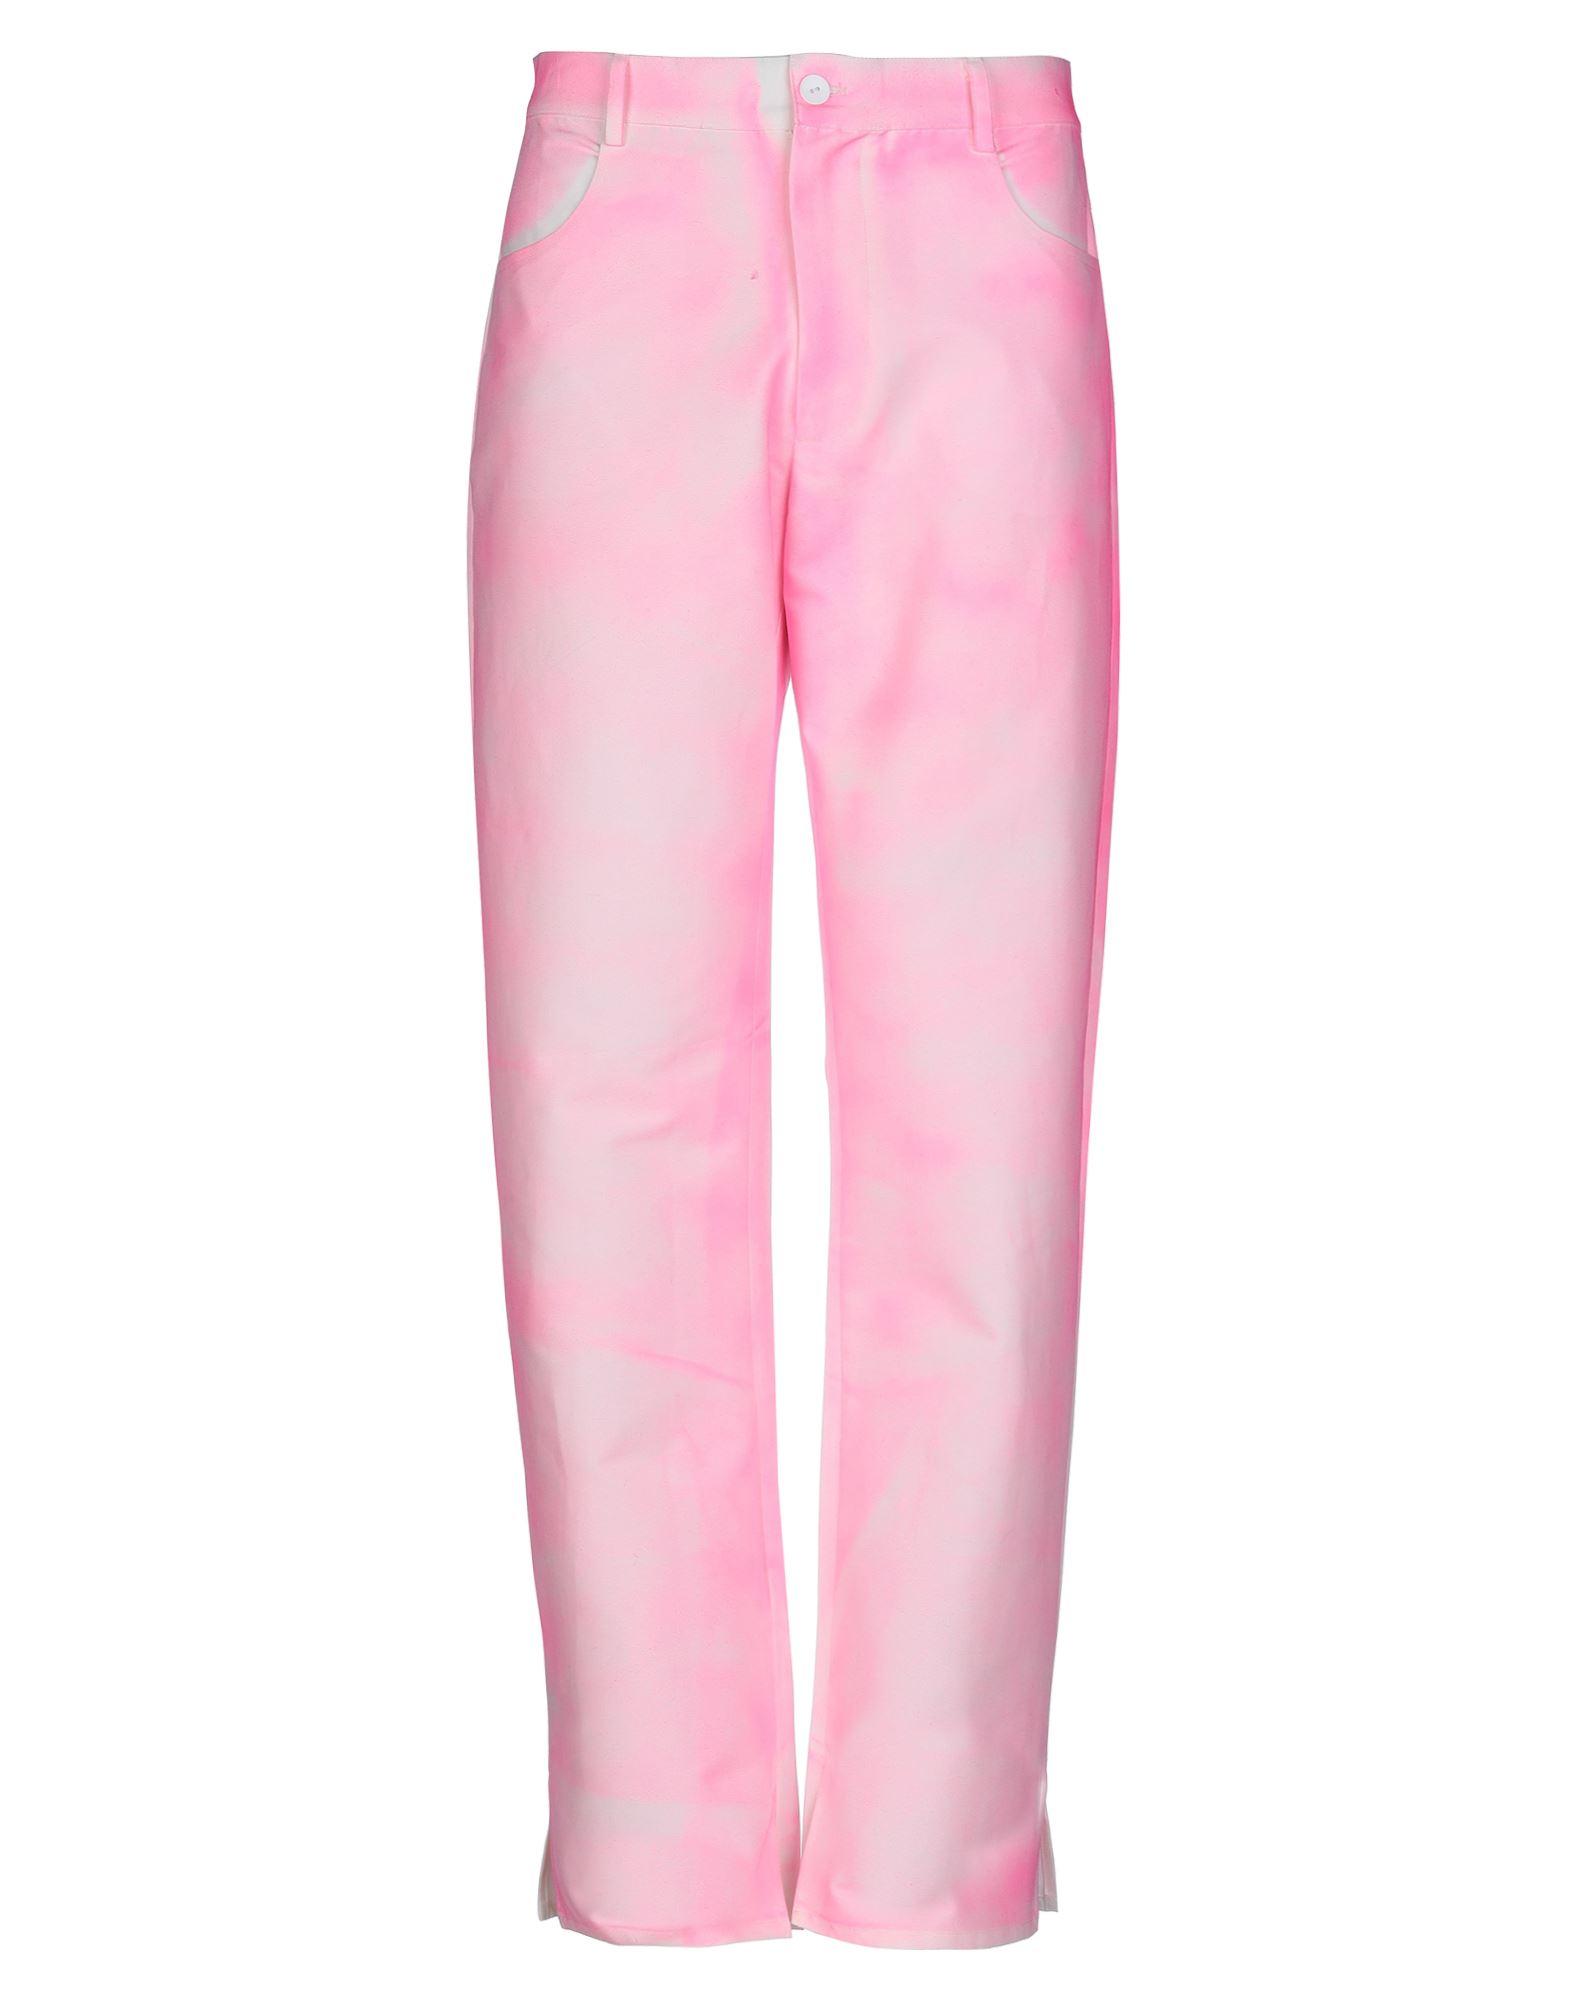 Afterhomework Casual Pants In Pink